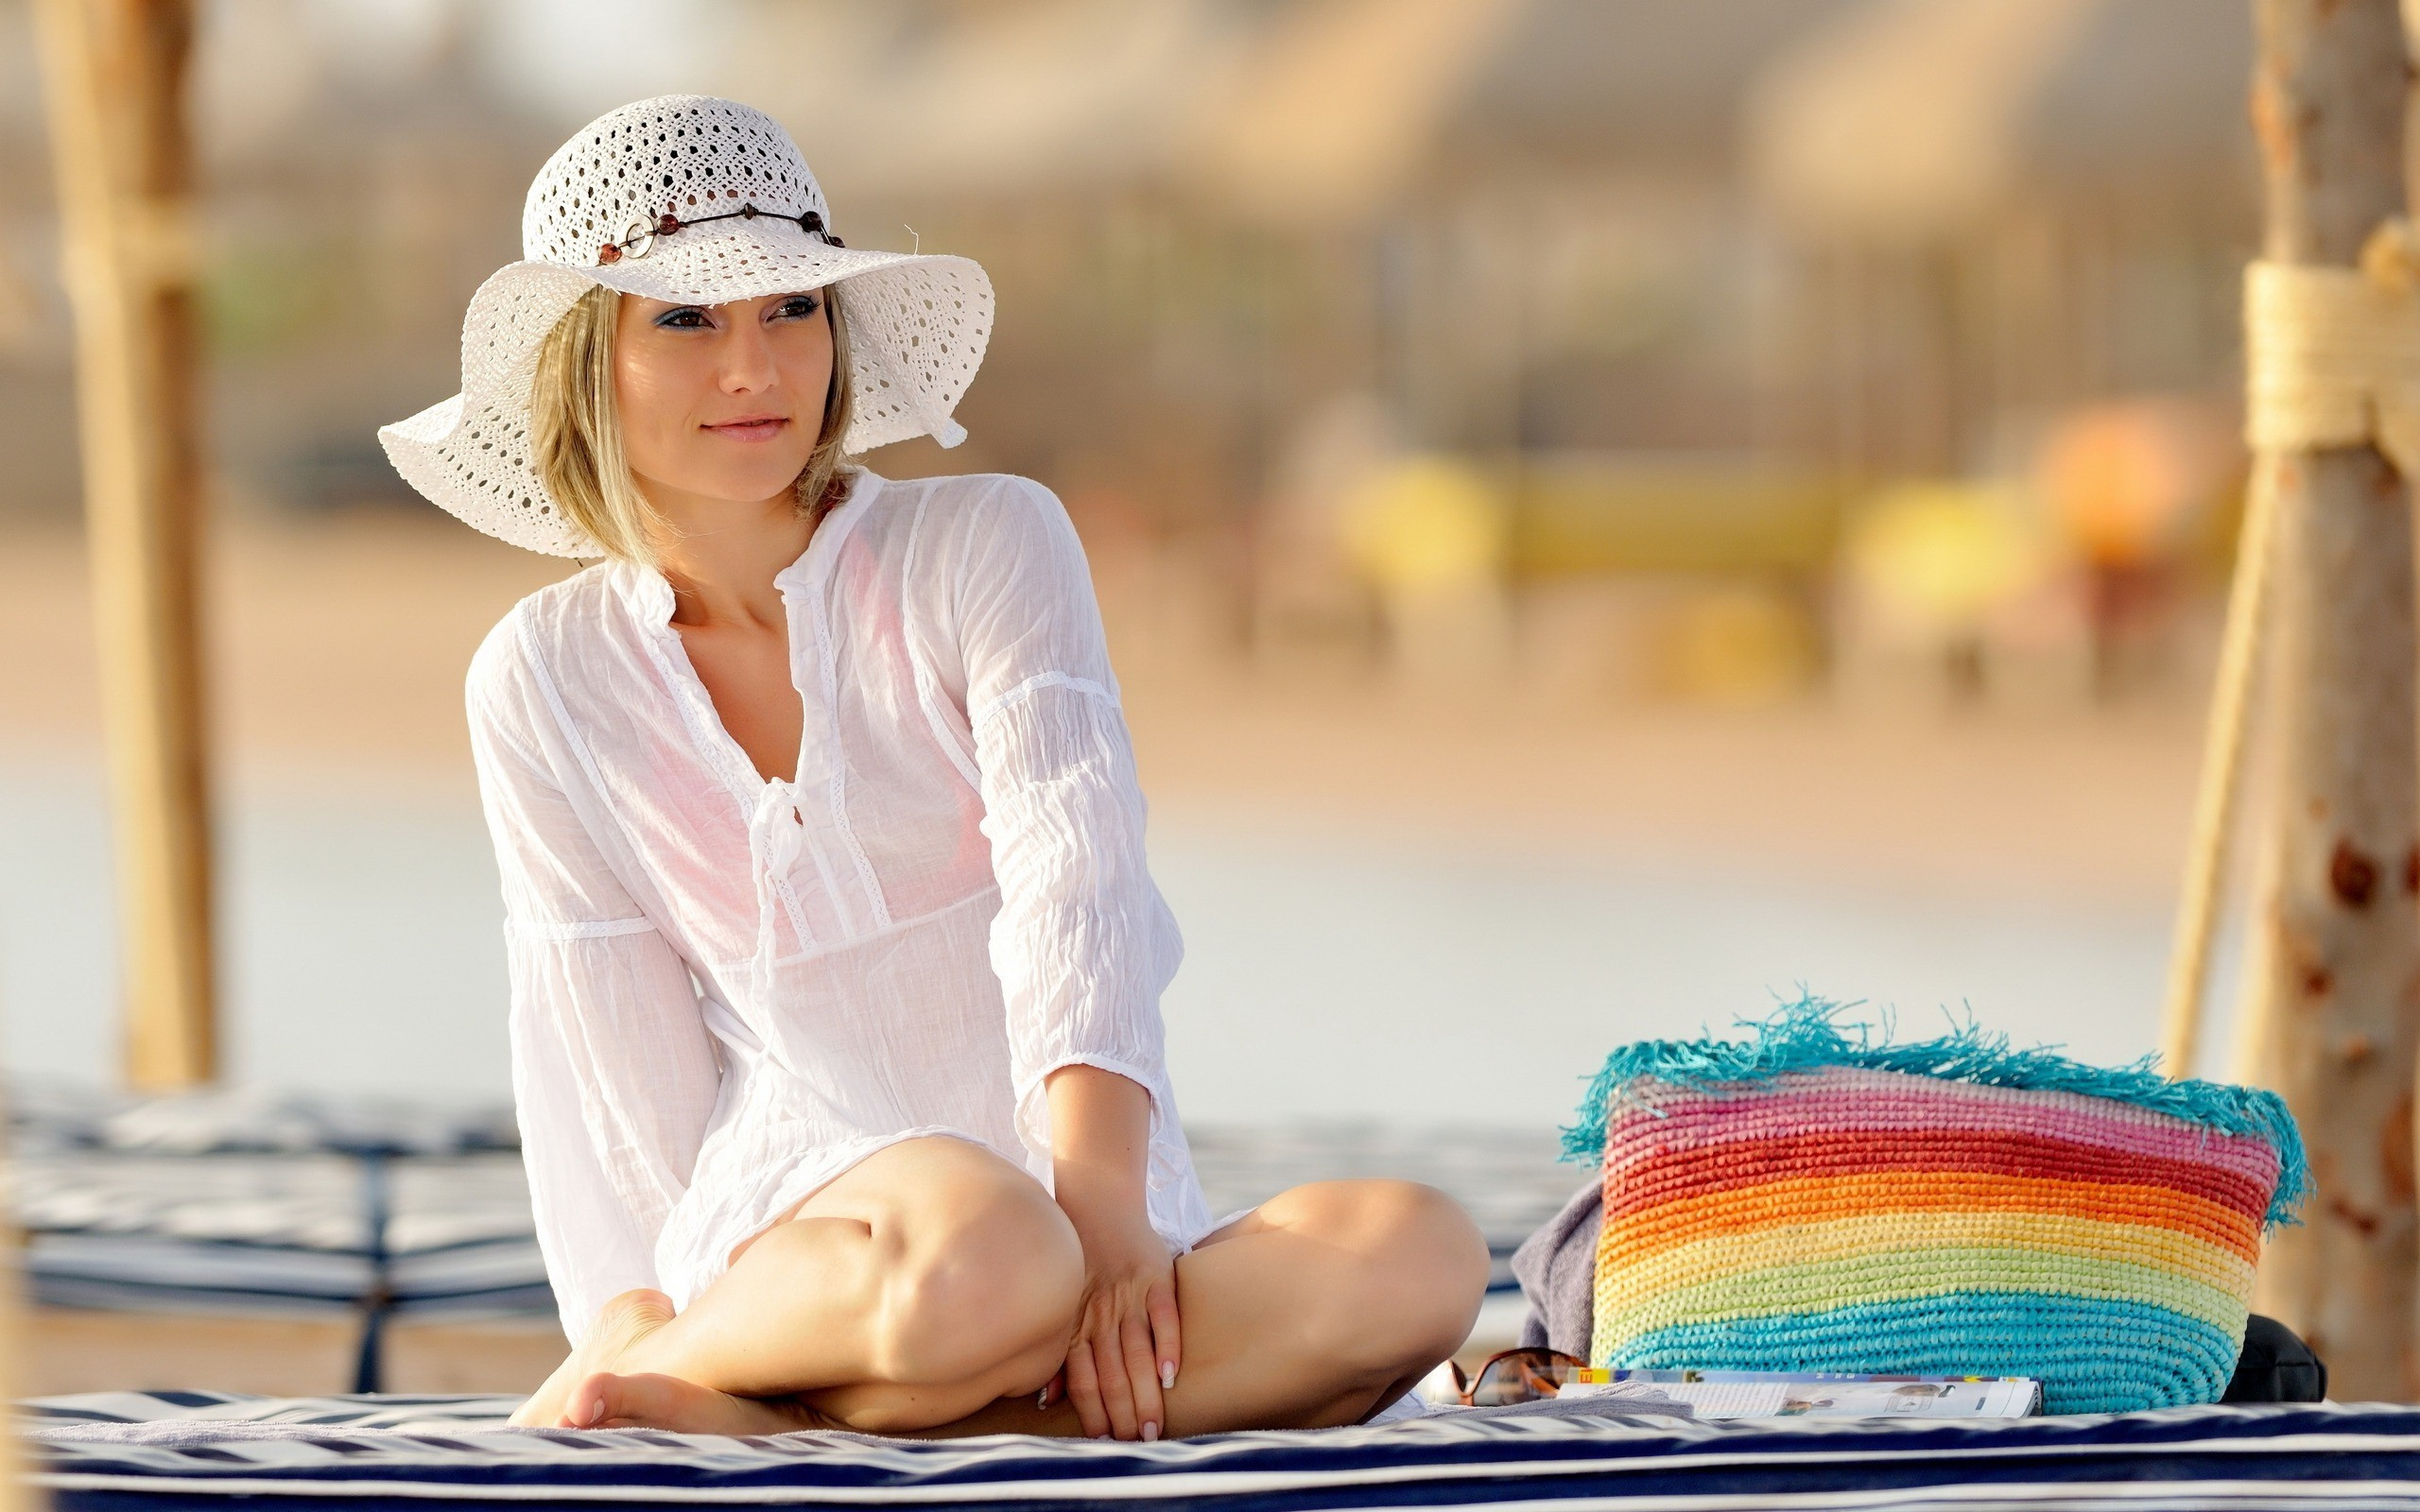 Chica con sombrero - 2560x1600